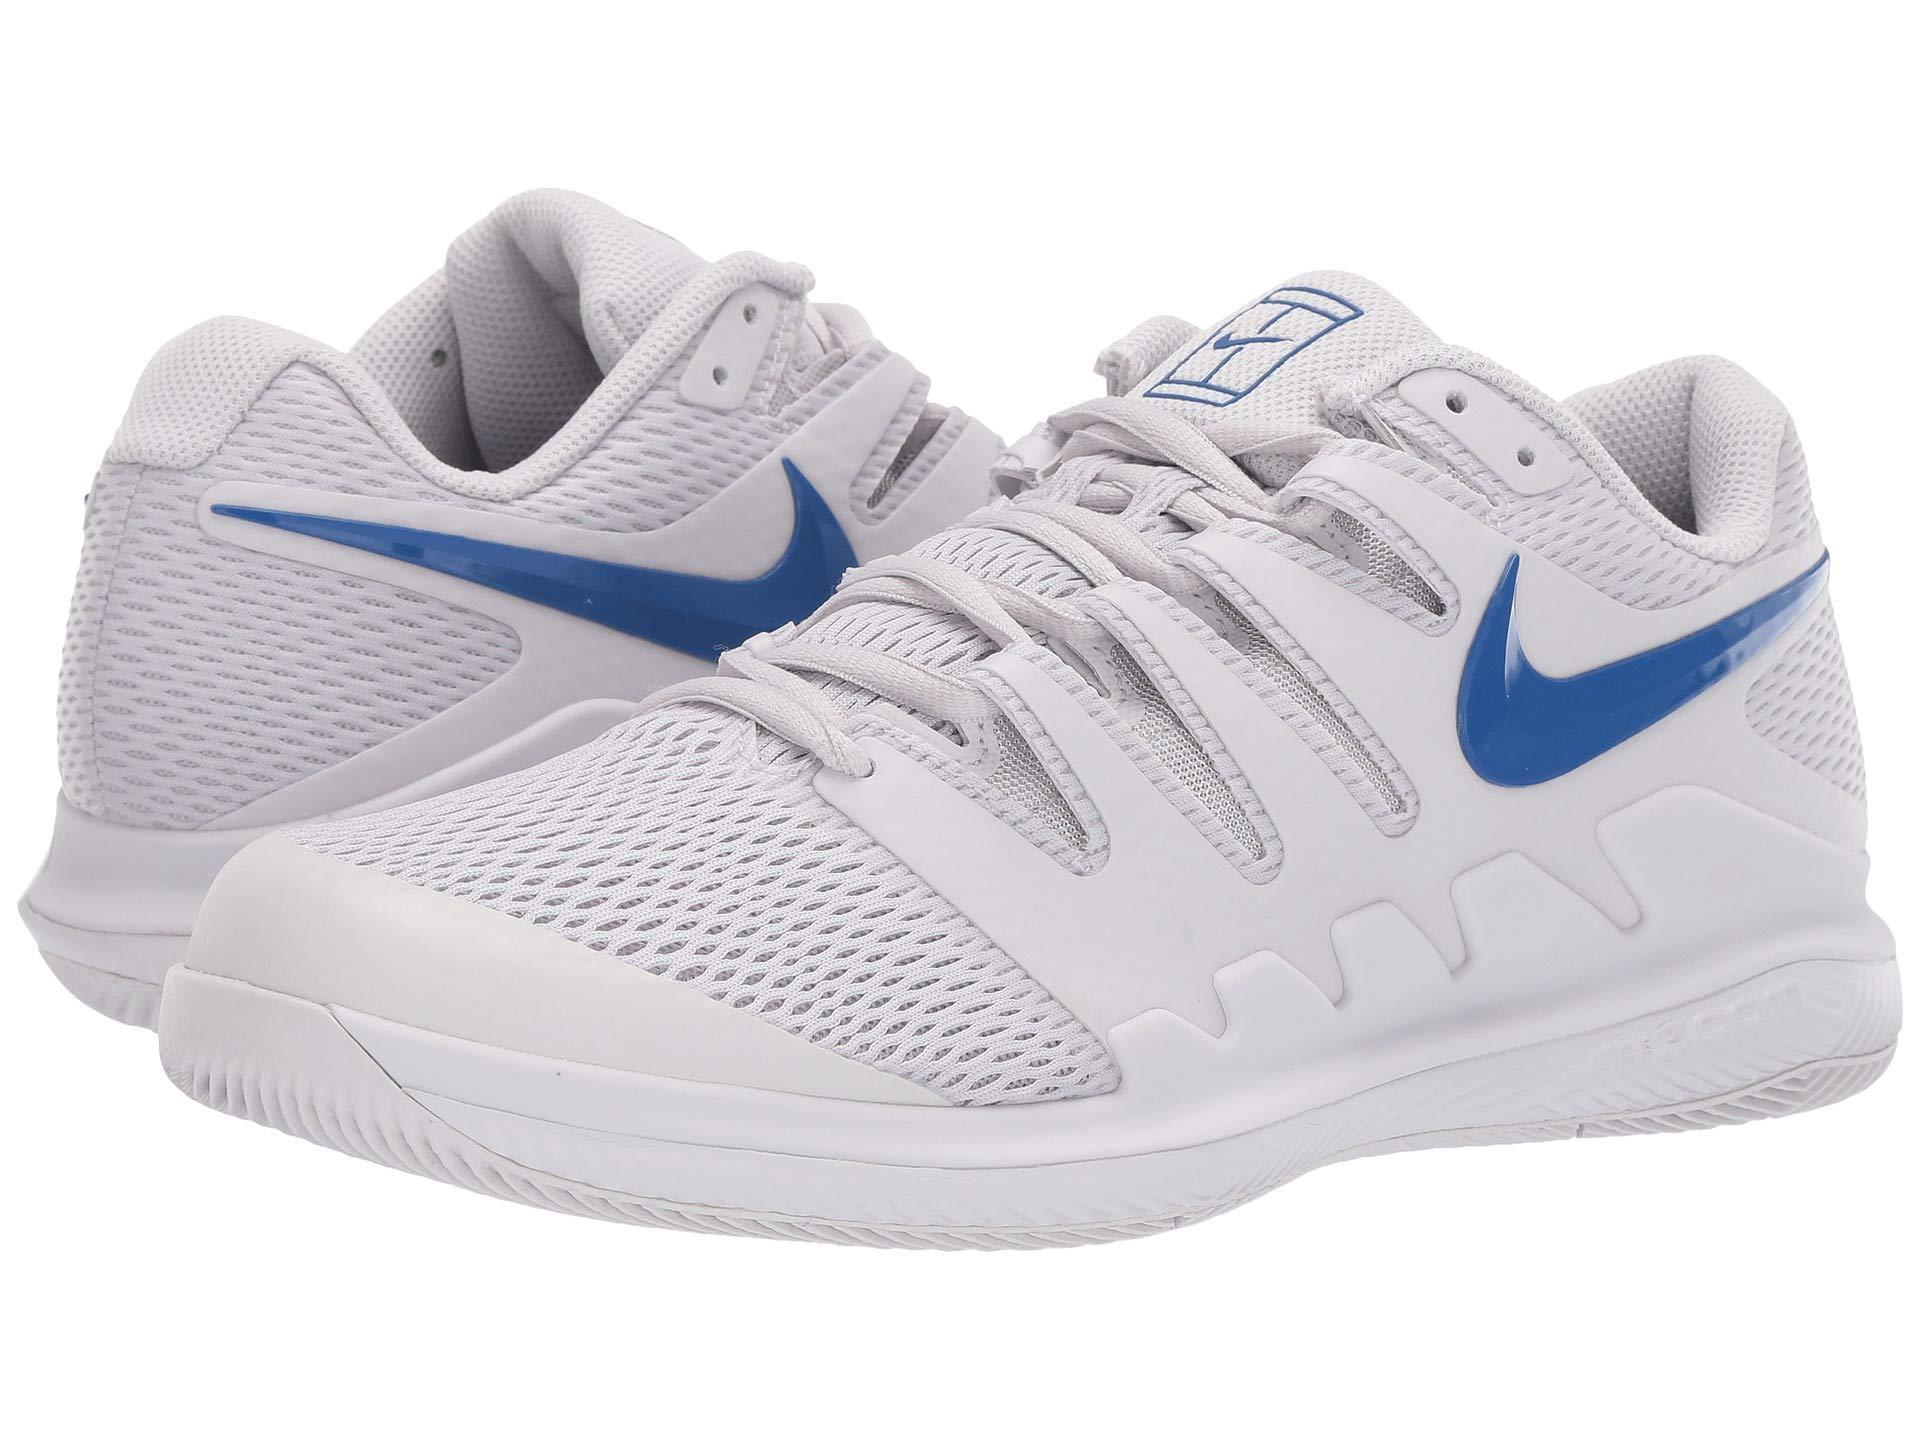 best loved ded0f 73fbc Nike. Gray Air Zoom Vapor X (black white bright Crimson) Men s Tennis Shoes